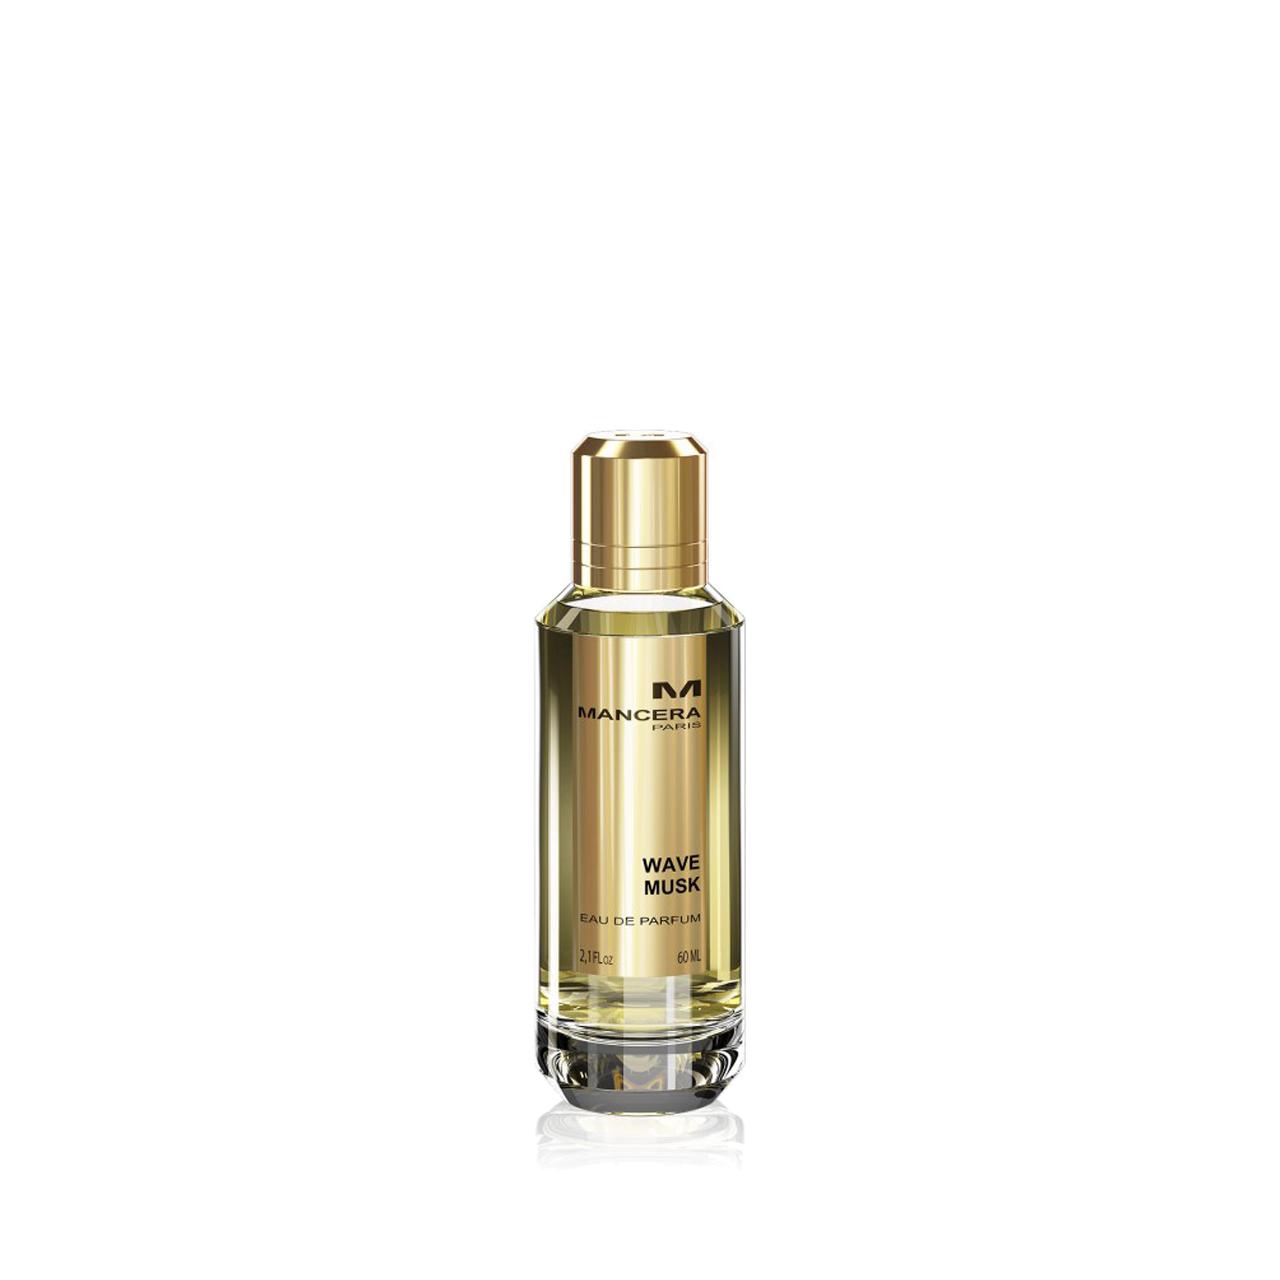 Wave Musk - Eau de Parfum